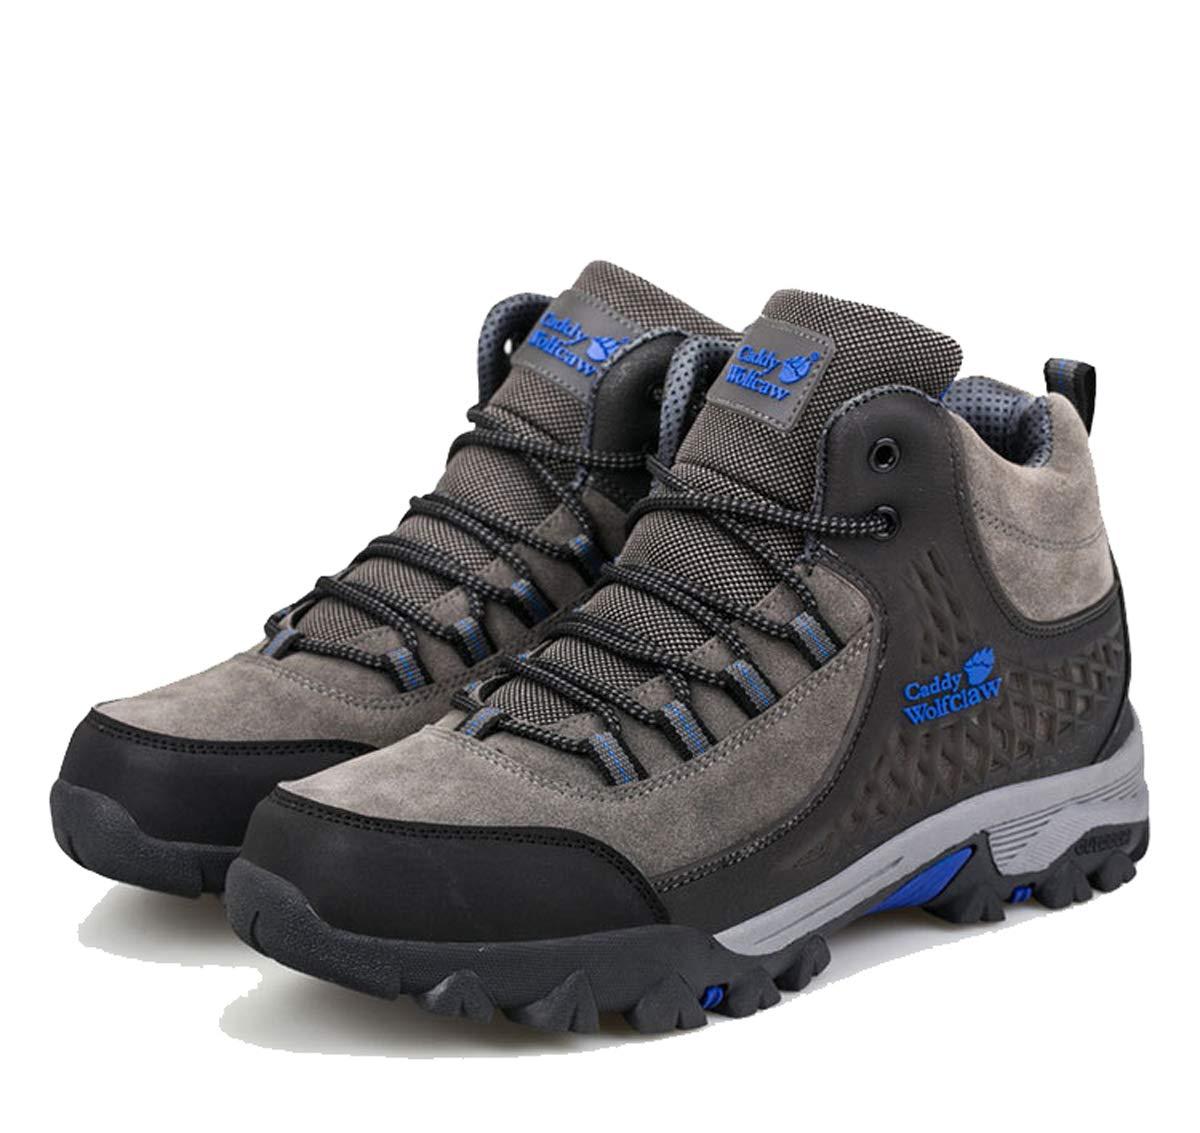 Adong  Herren Wanderschuhe Jungle Trekking Schuhe Bergsteigen Stiefel Wasserdichte Schuhe Non Slip Atemp-Outdoor-Schuhe,grau,42EU